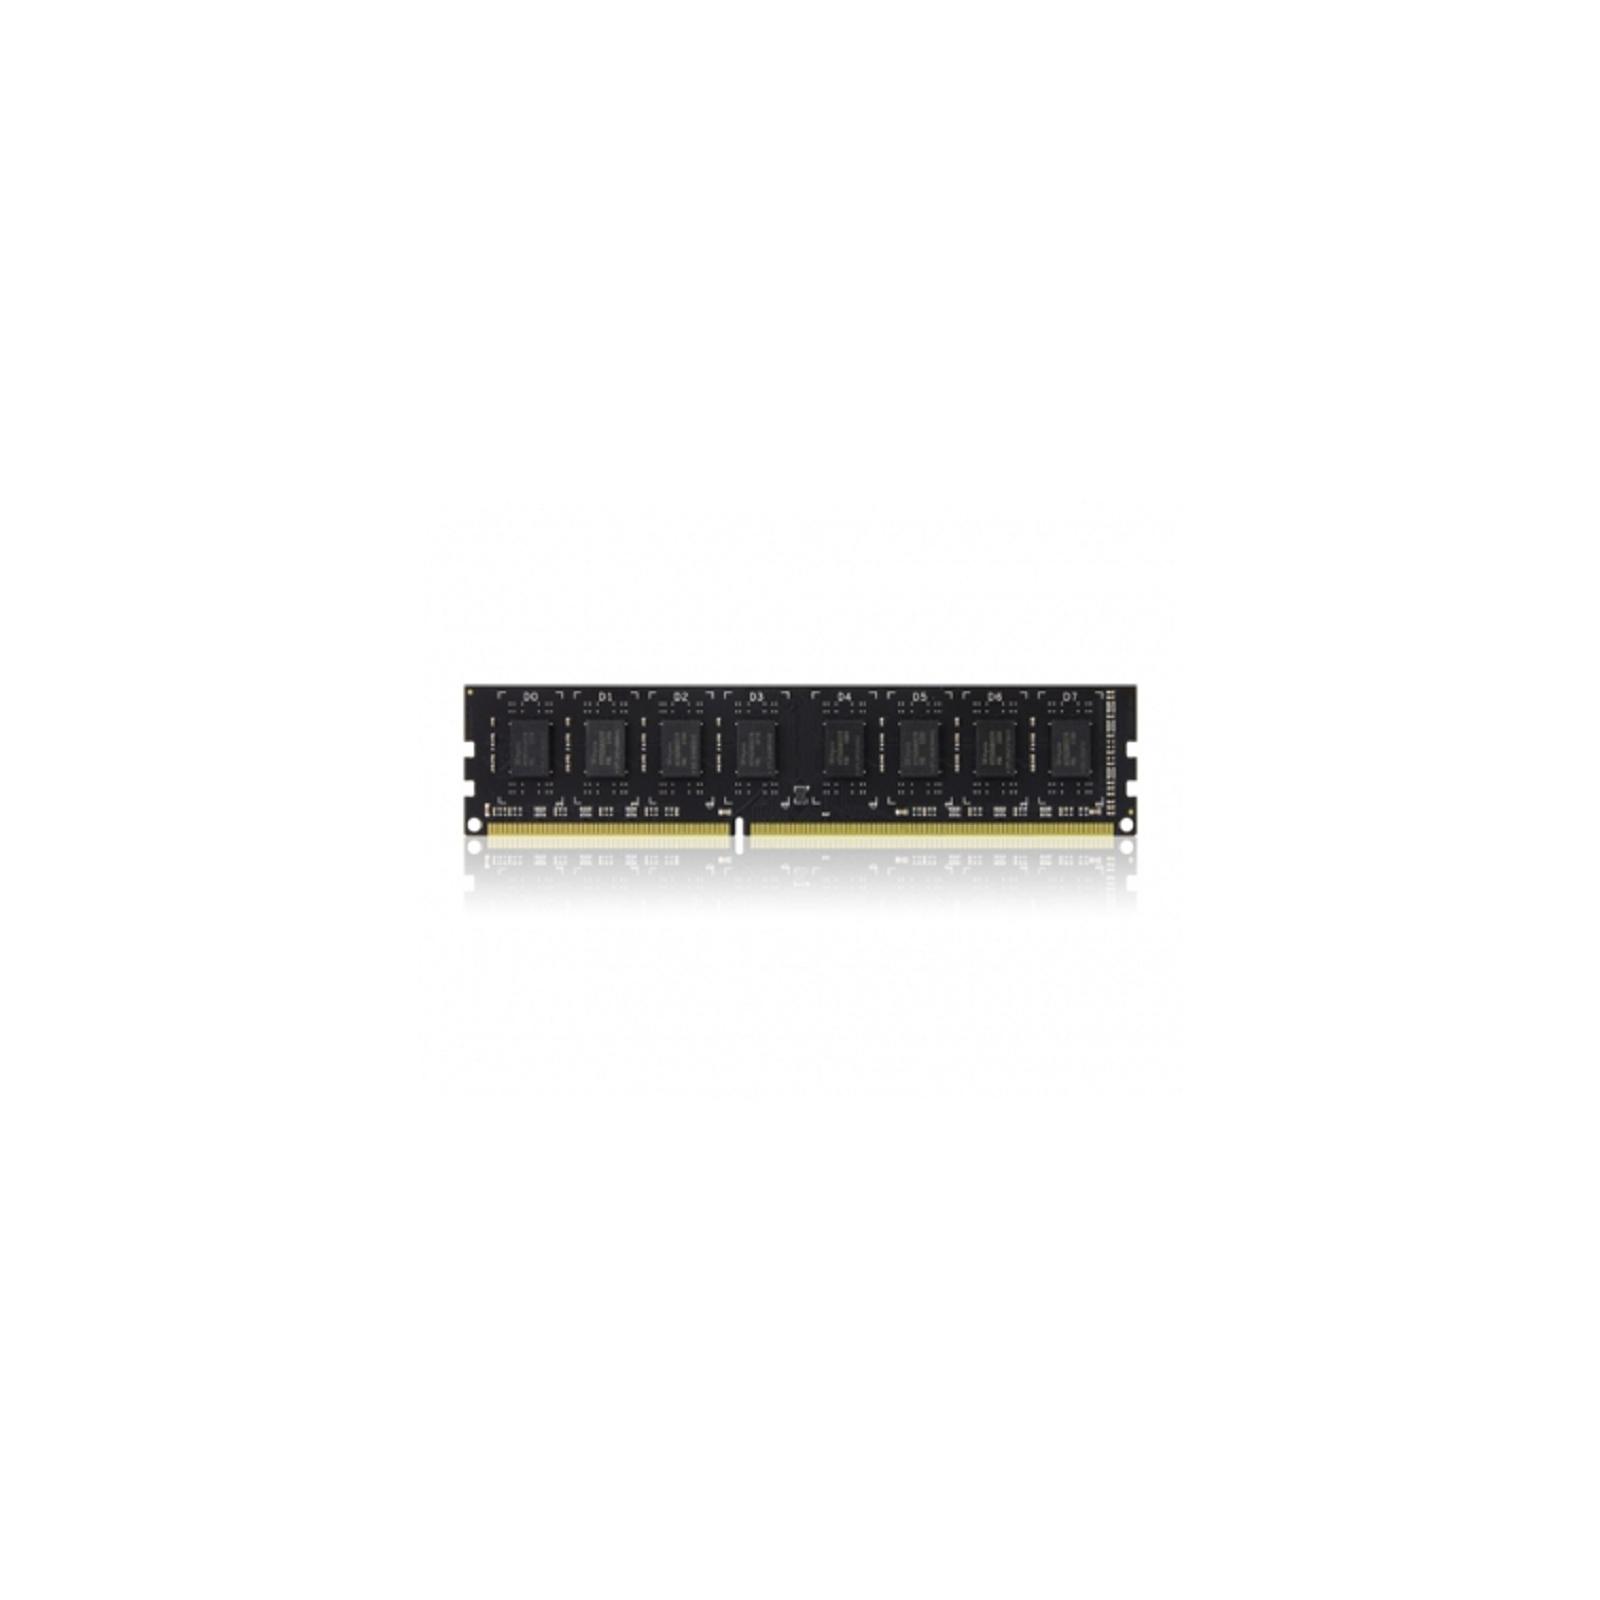 Модуль памяти для компьютера DDR3 2GB 1333 MHz Team (TED32GM1333C9BK)